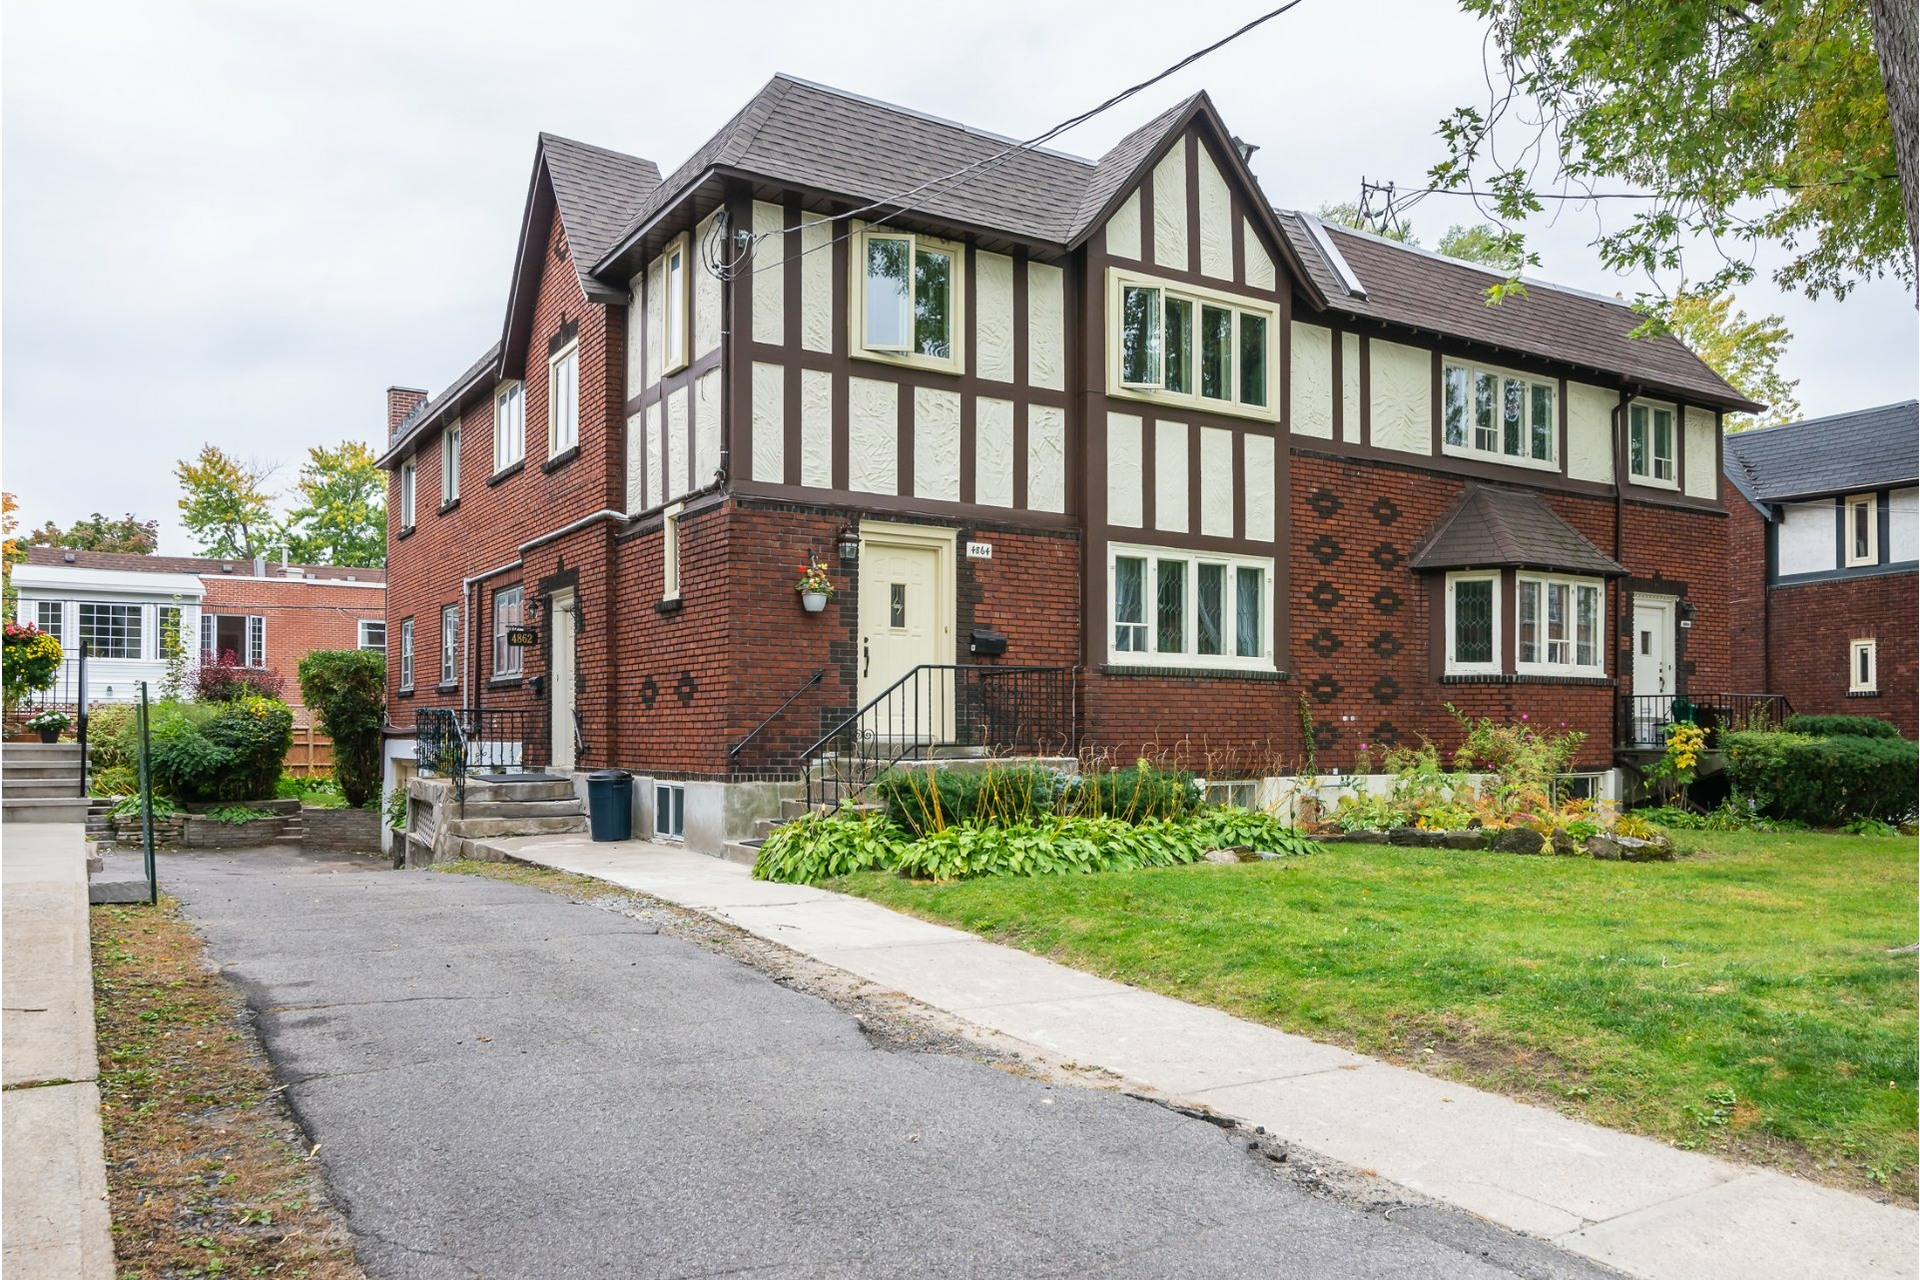 image 28 - Appartement À vendre Côte-des-Neiges/Notre-Dame-de-Grâce Montréal  - 7 pièces